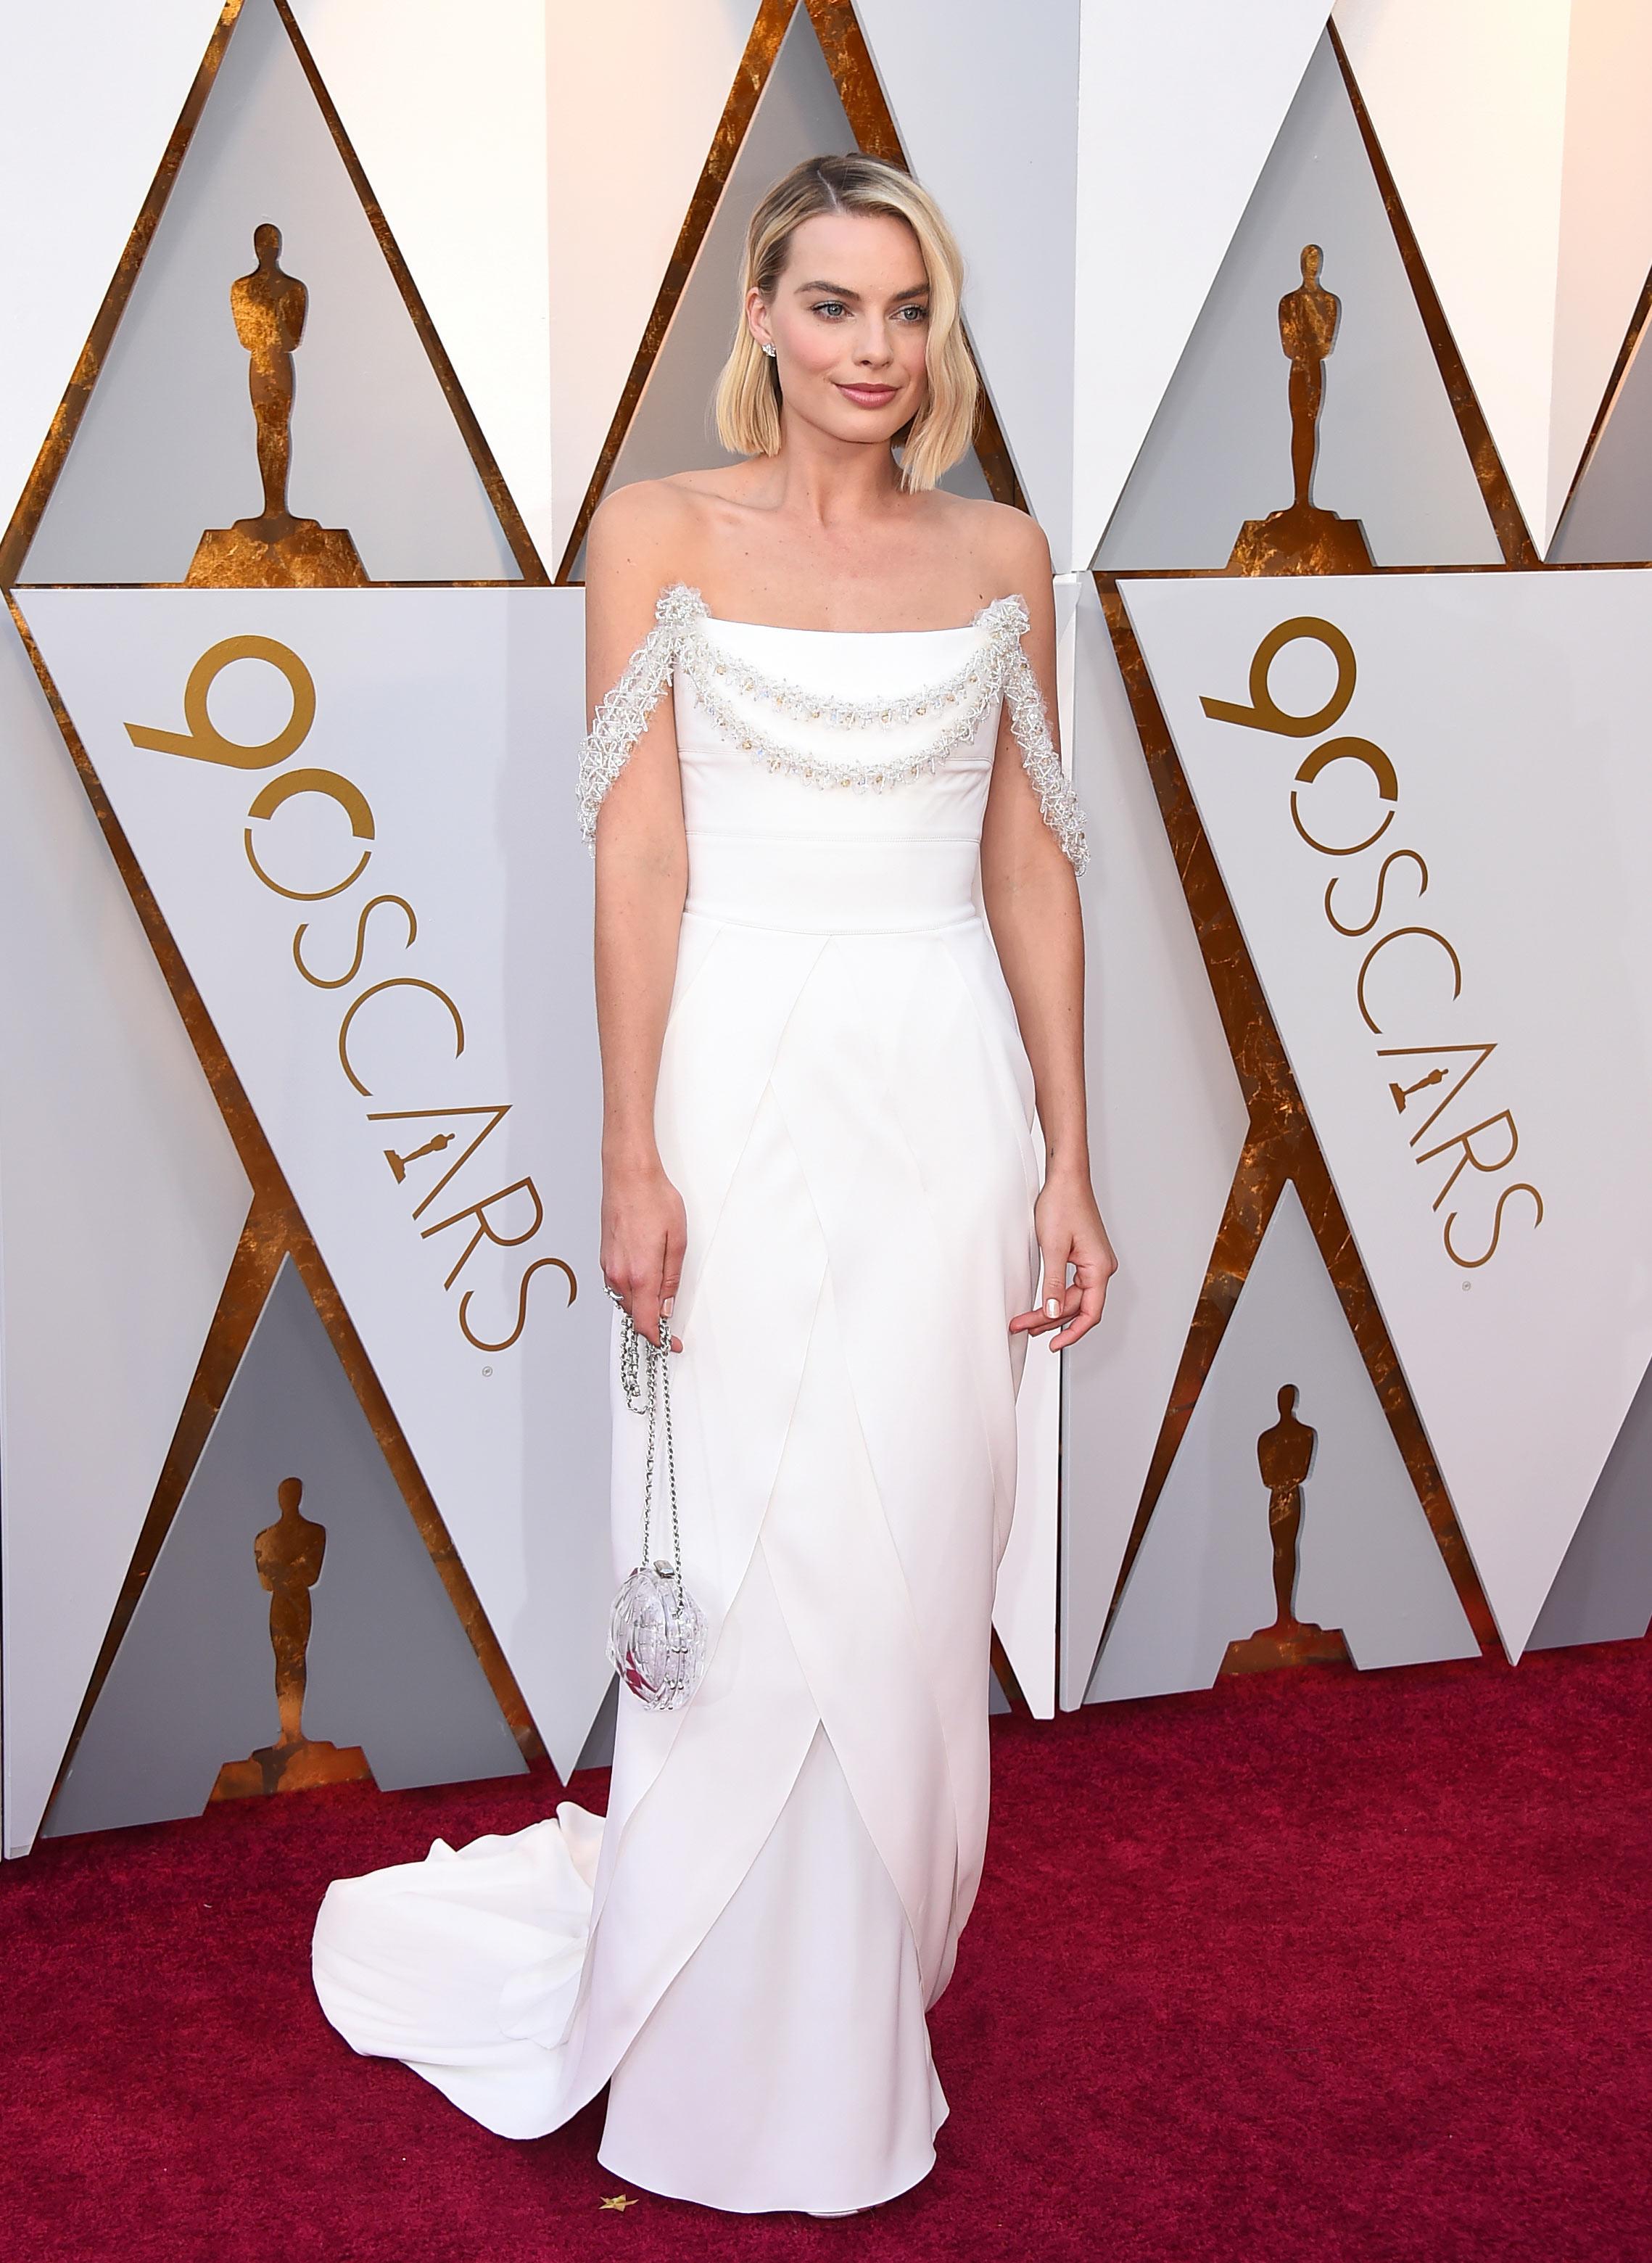 """Margot Robbie, nominada a Mejor actriz por """"Yo, Tonya"""", también eligió el blanco, en un vestido de Chanel, para subir a la alfombra roja de los Oscar. (The Associated Press)"""